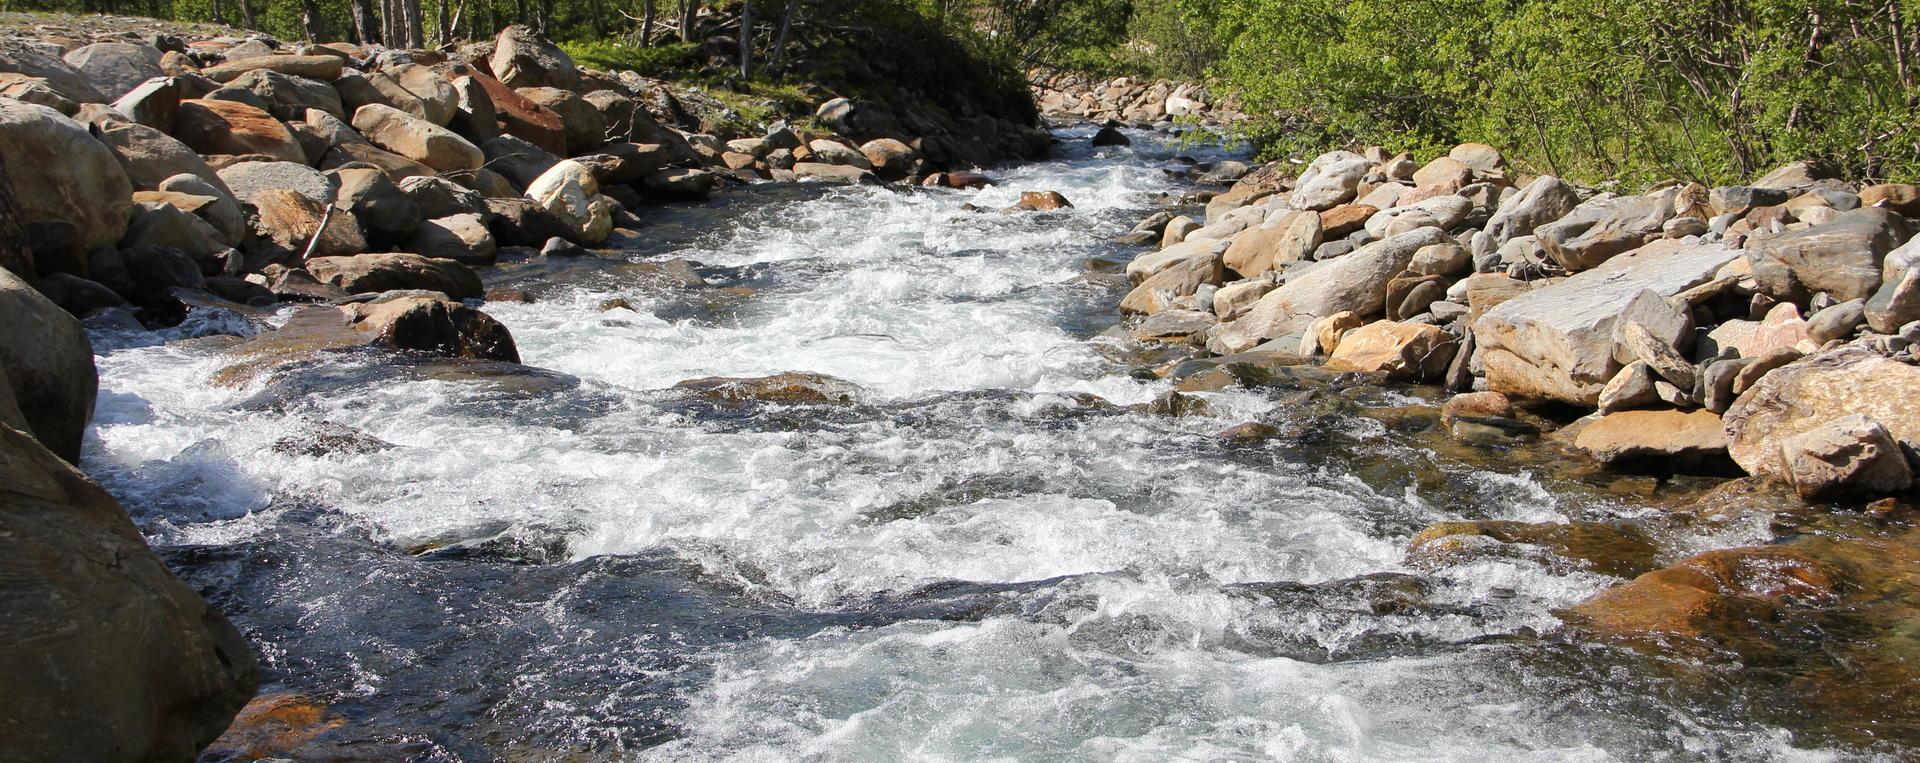 elv med mye vann